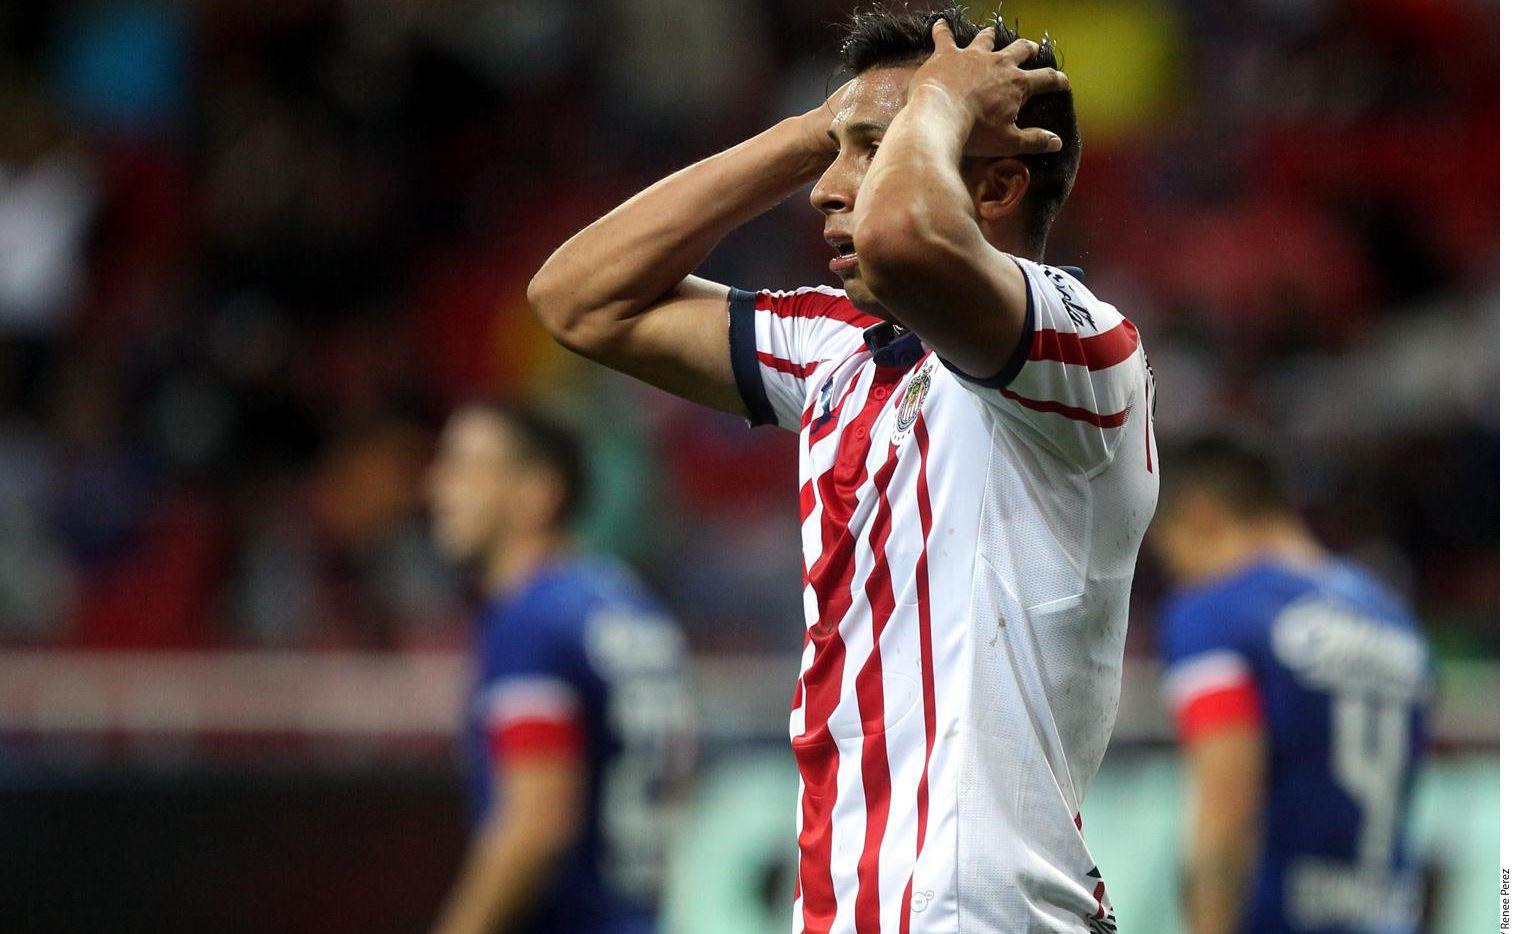 En cuatro partidos del semestre, el Guadalajara apenas ha sumado un punto.(AGENCIA REFORMA)